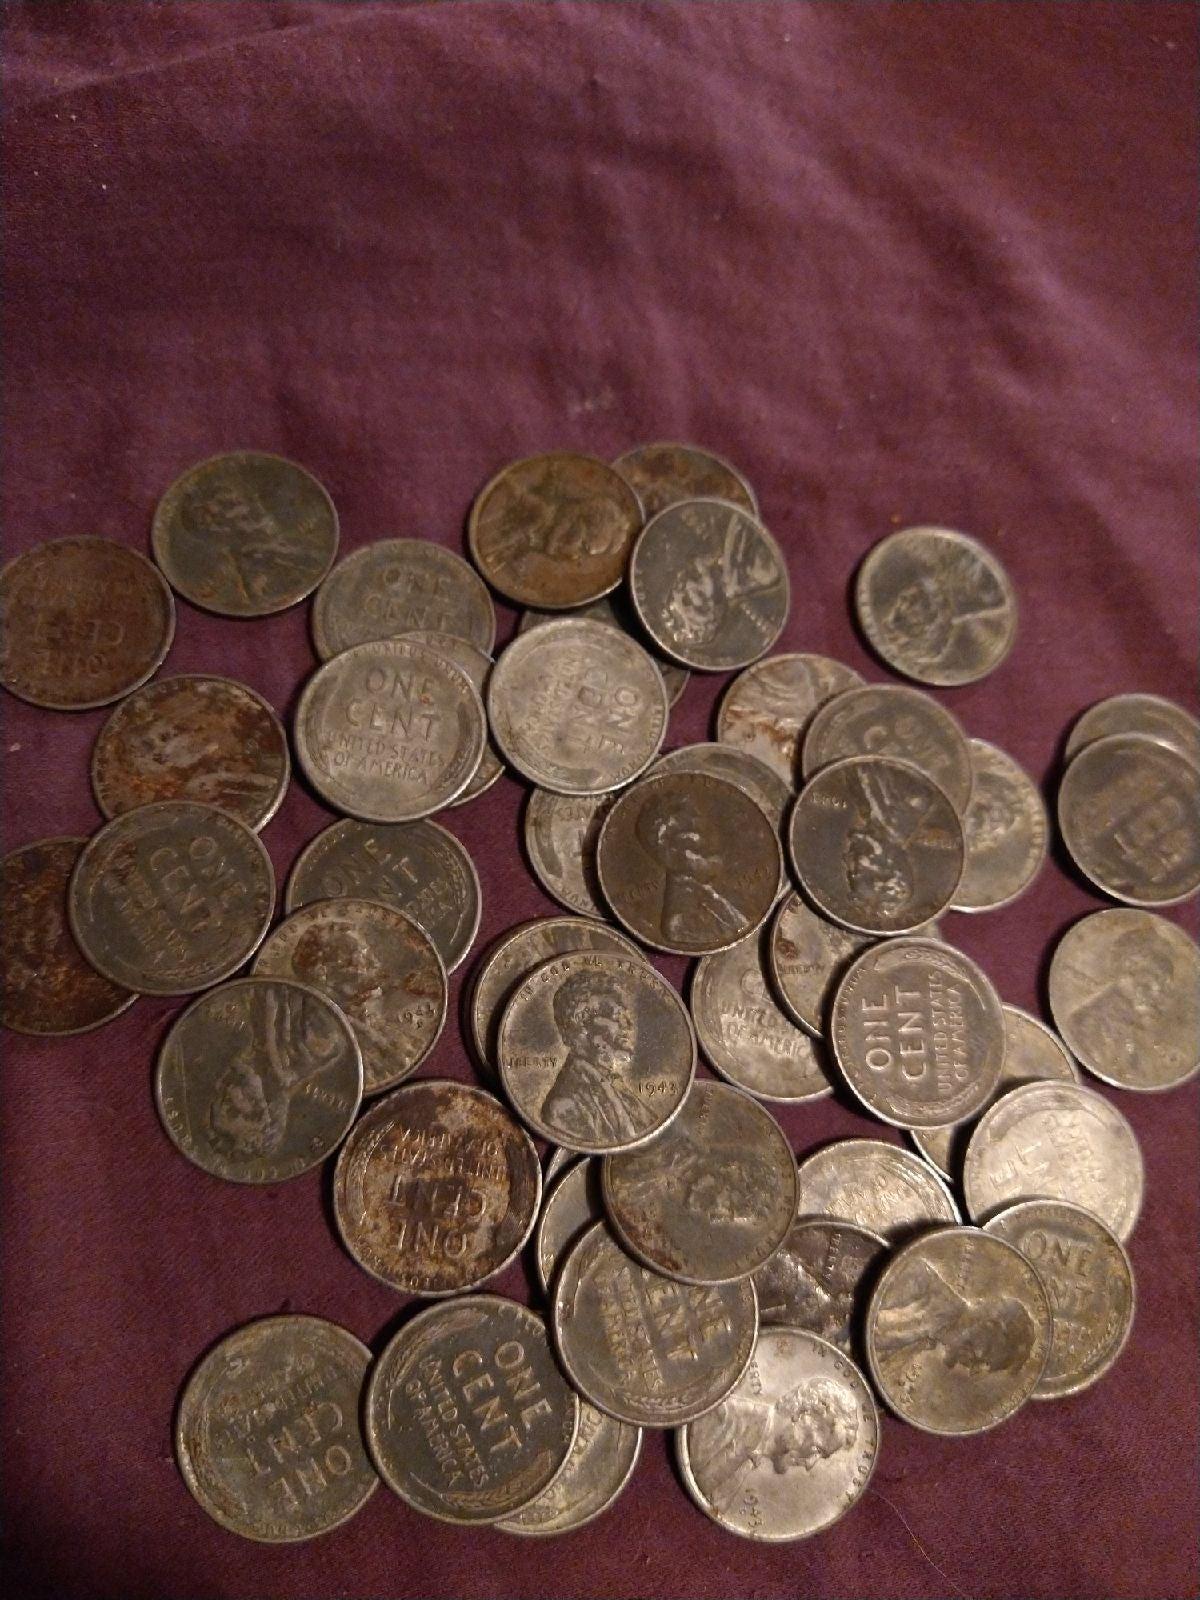 Lot of 49 1943 steel Penny's